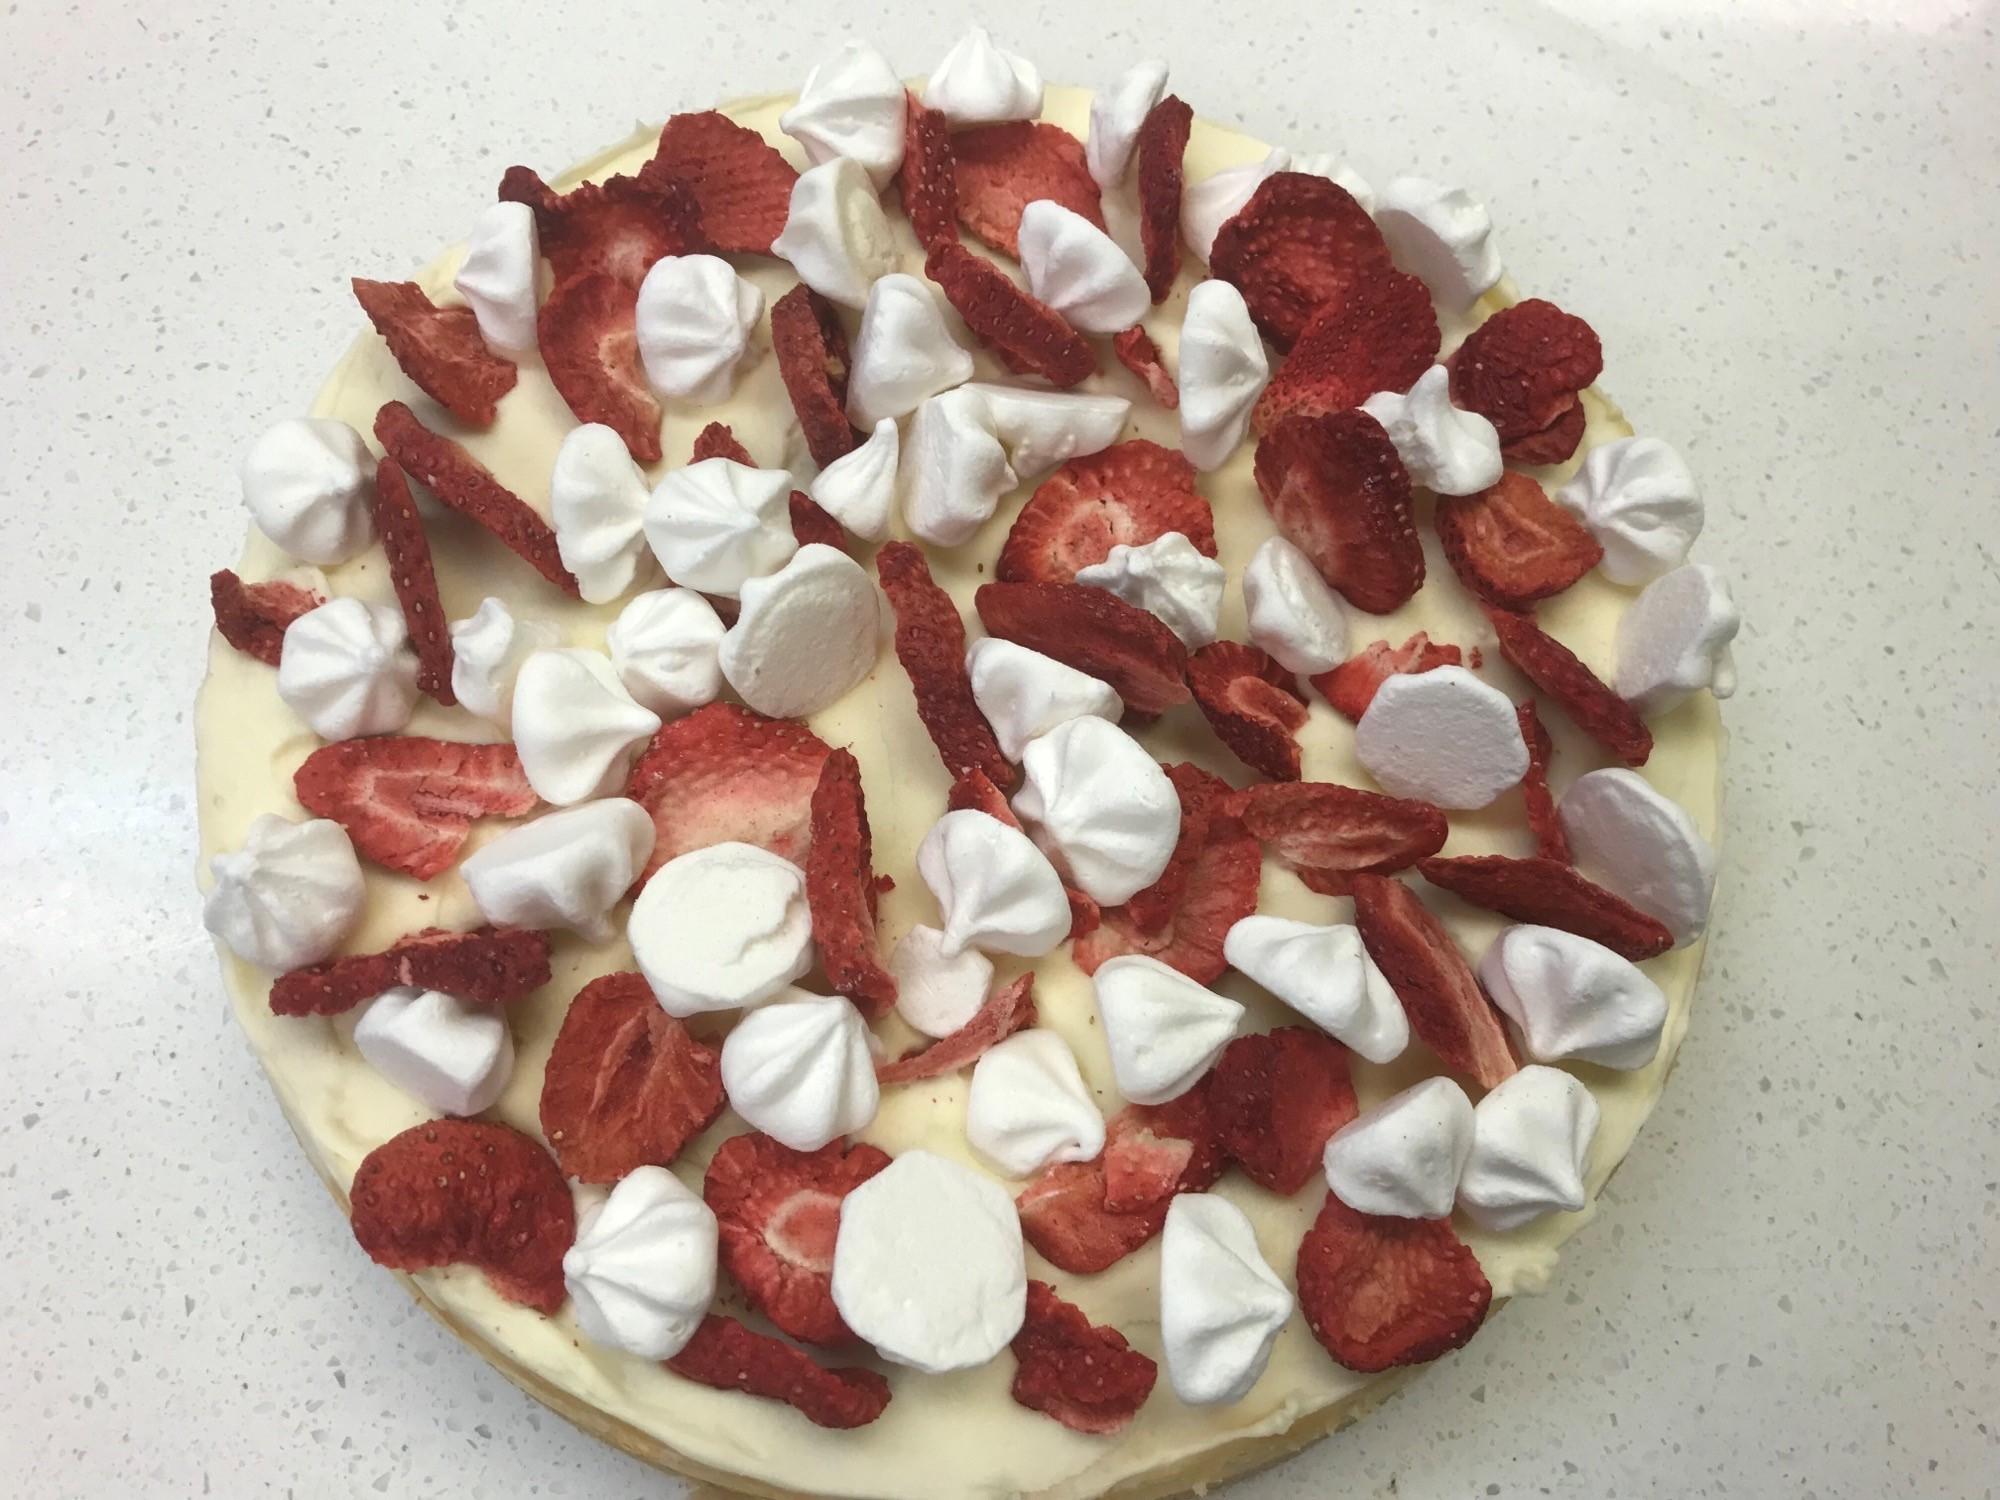 Sidoli Gluten Free Strawberry Eaton Mess Cheesecake